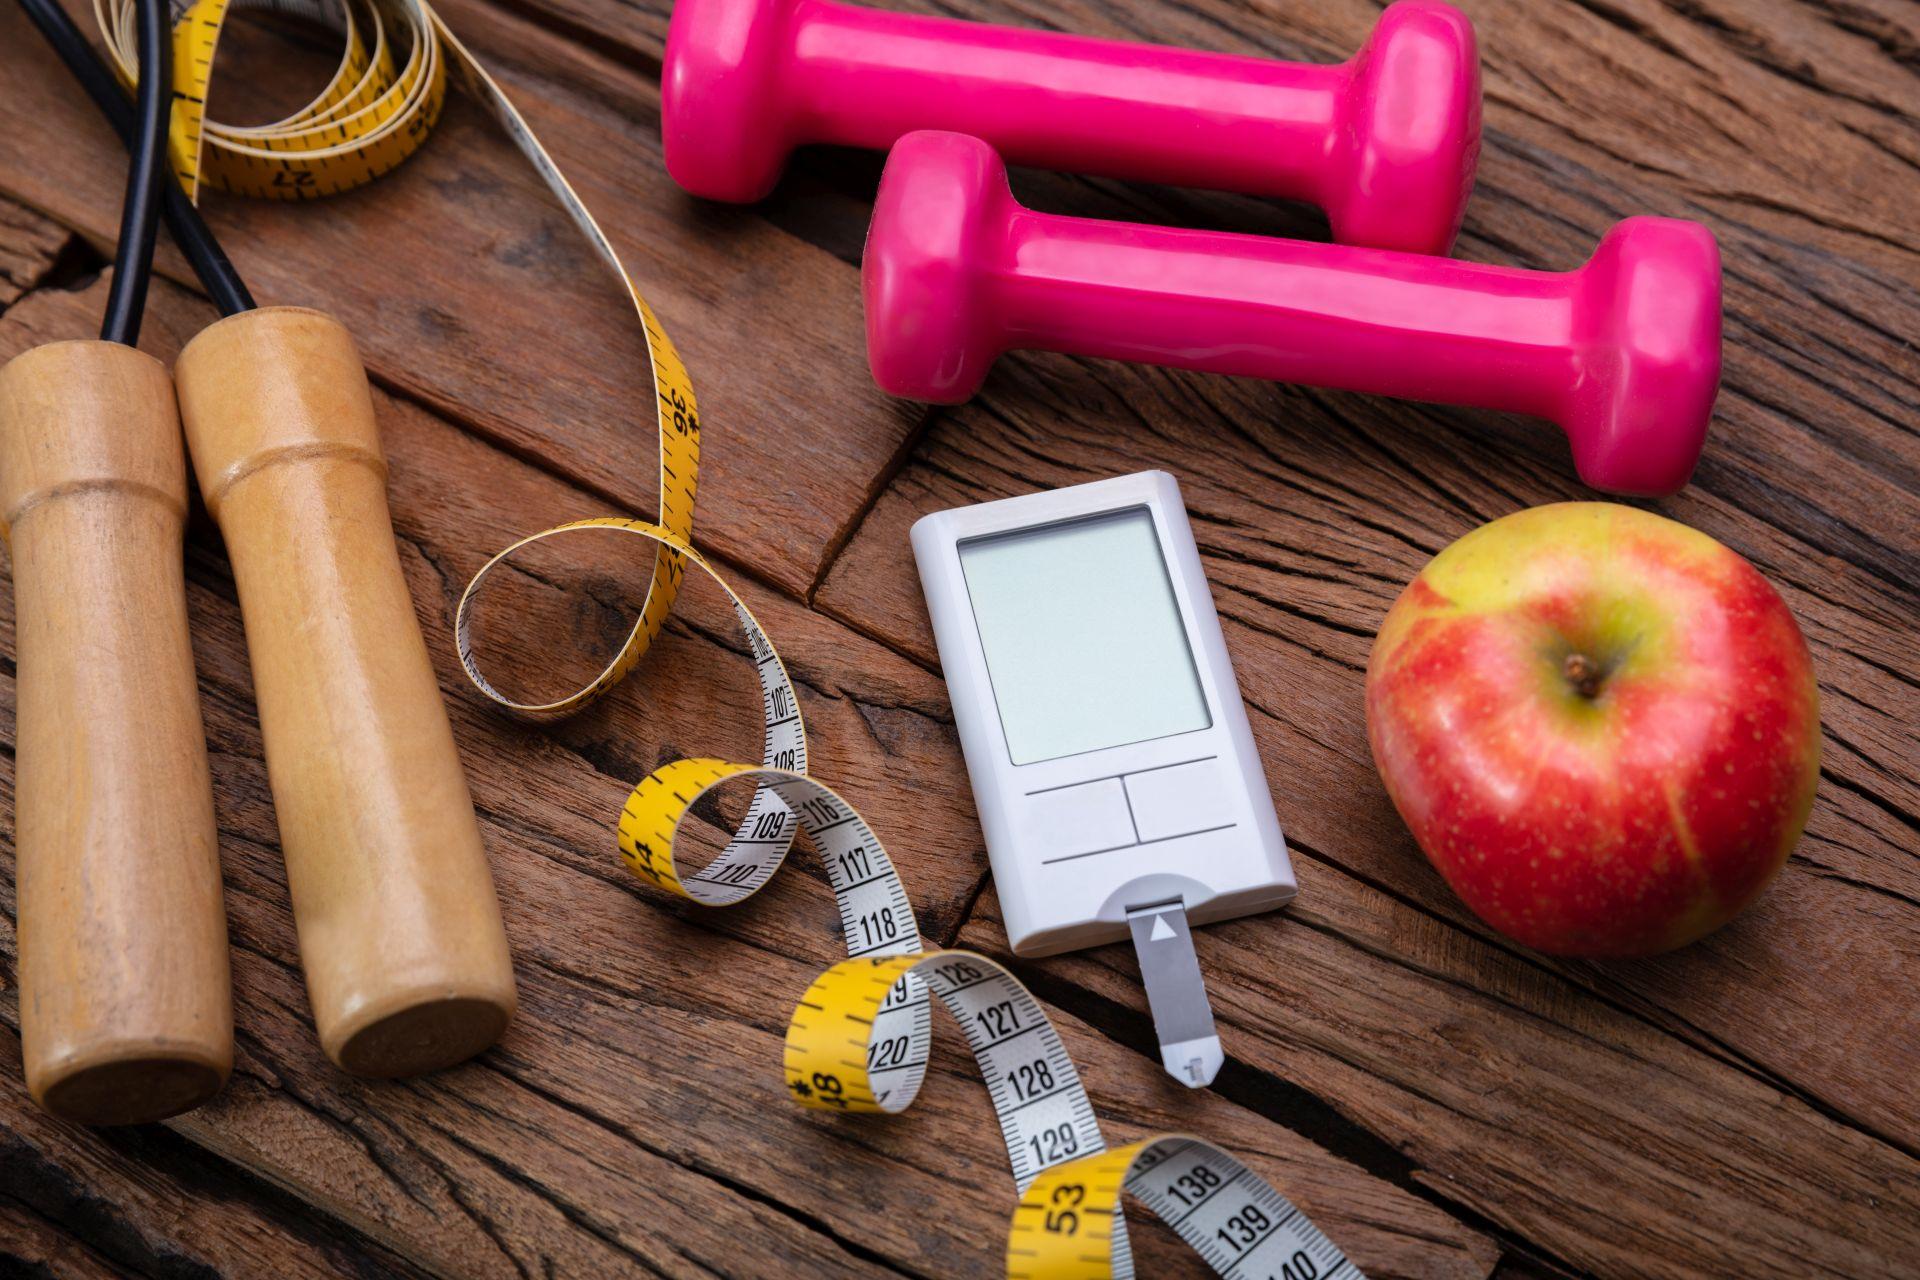 Przyczyny cukrzycy typu 2 i przeciwdziałanie cukrzycy